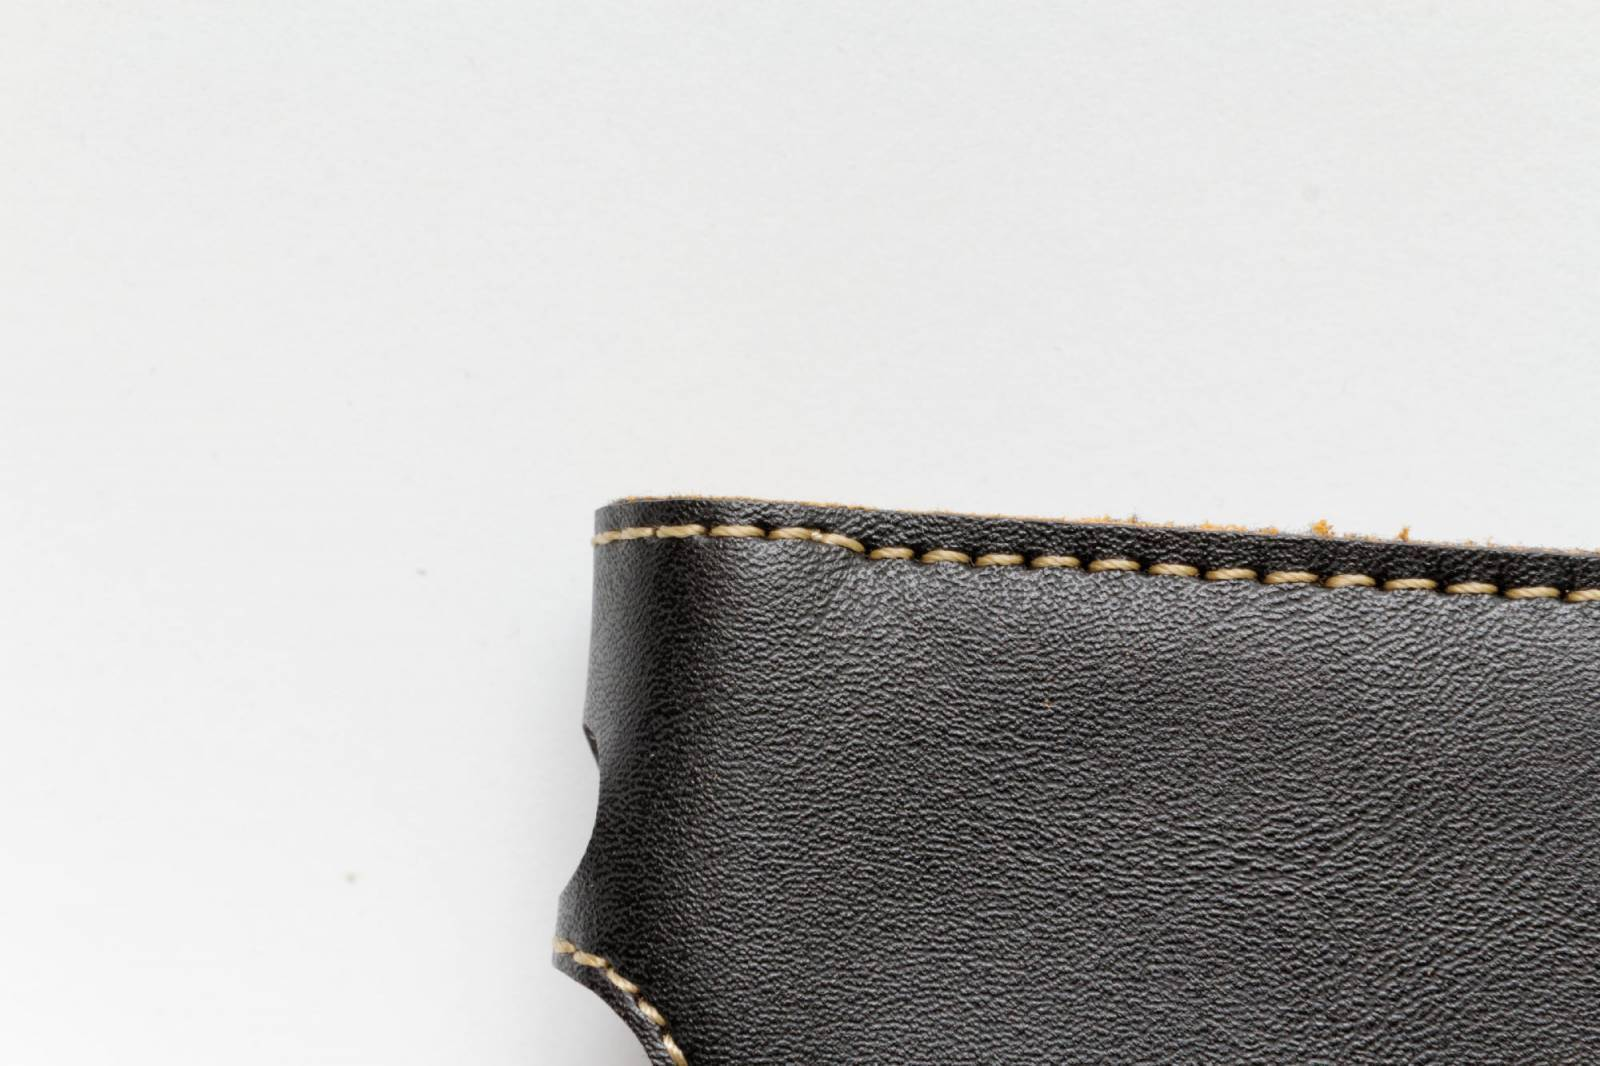 Aliexpress: Кожаный чехол для iPhone 6 и других смартфонов